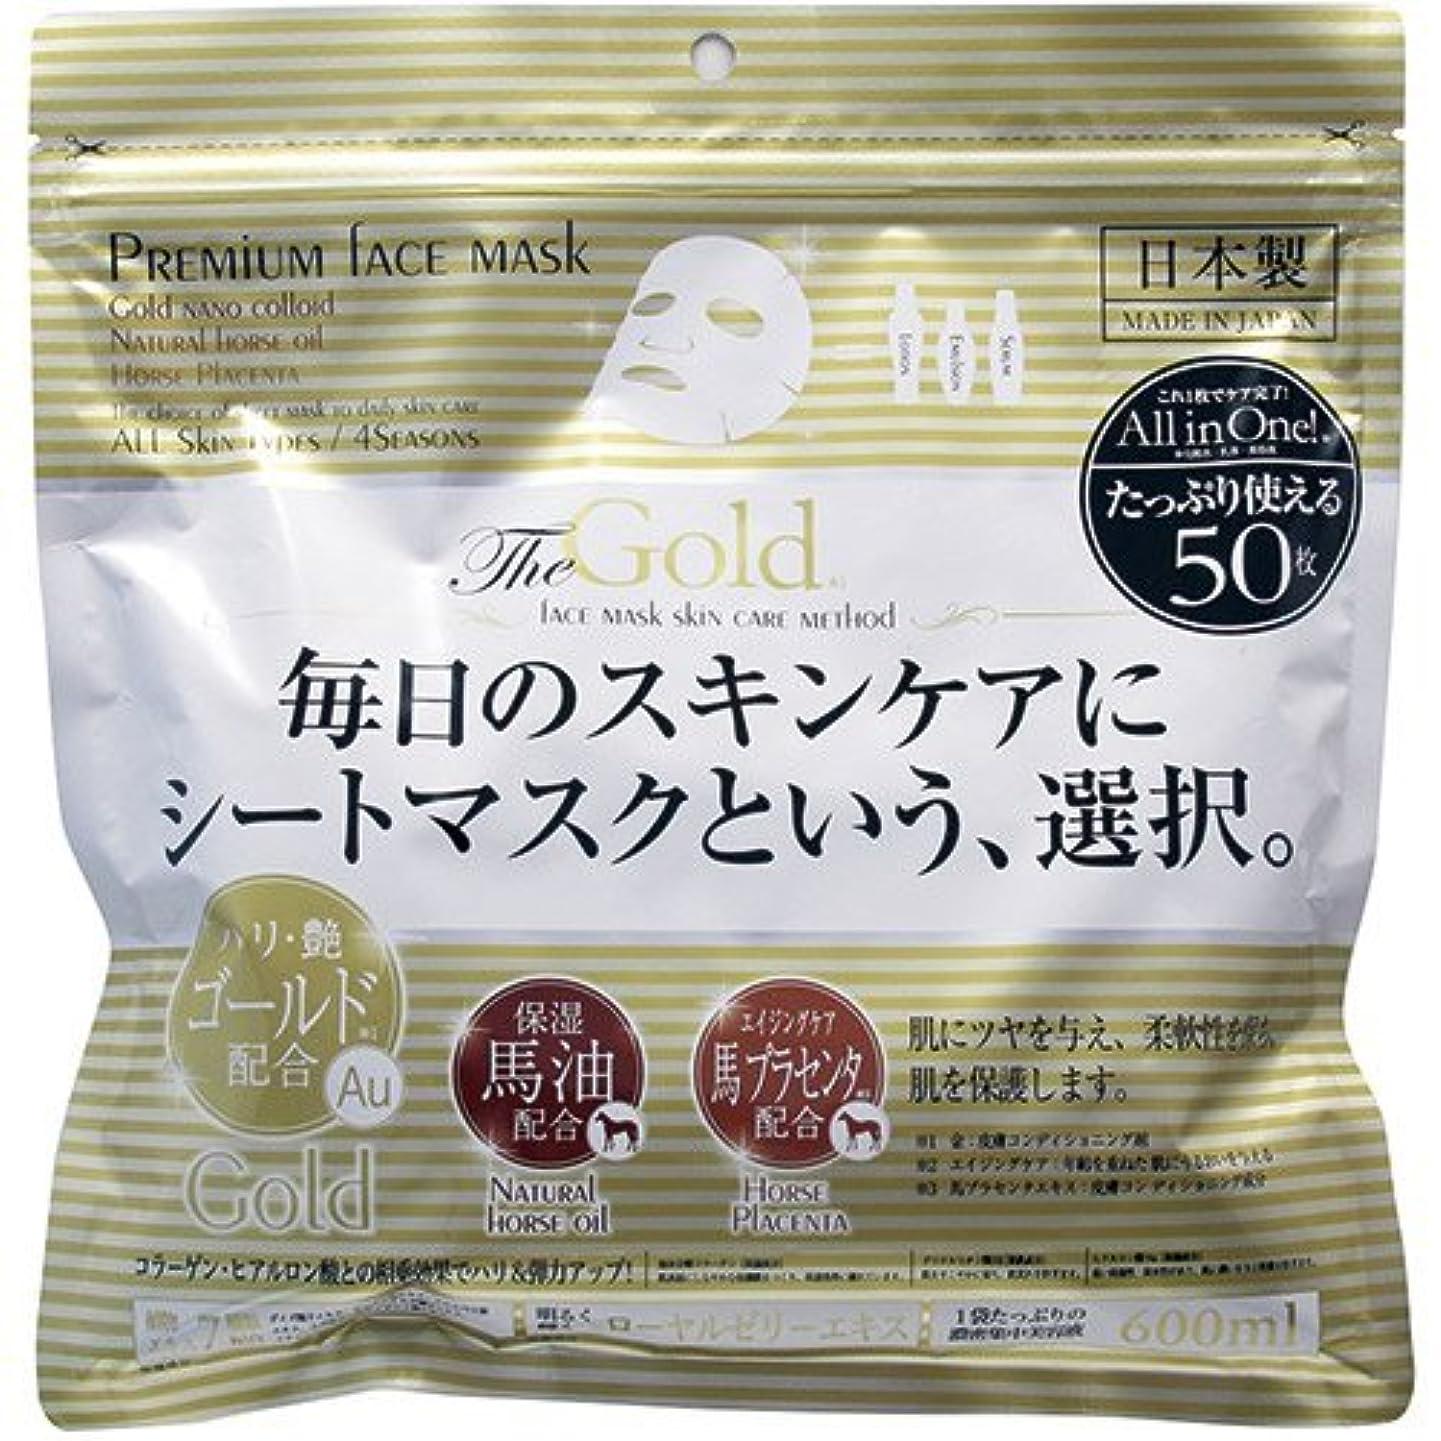 舗装する証明するほぼ【進製作所】プレミアムフェイスマスク ゴールド 50枚 ×3個セット